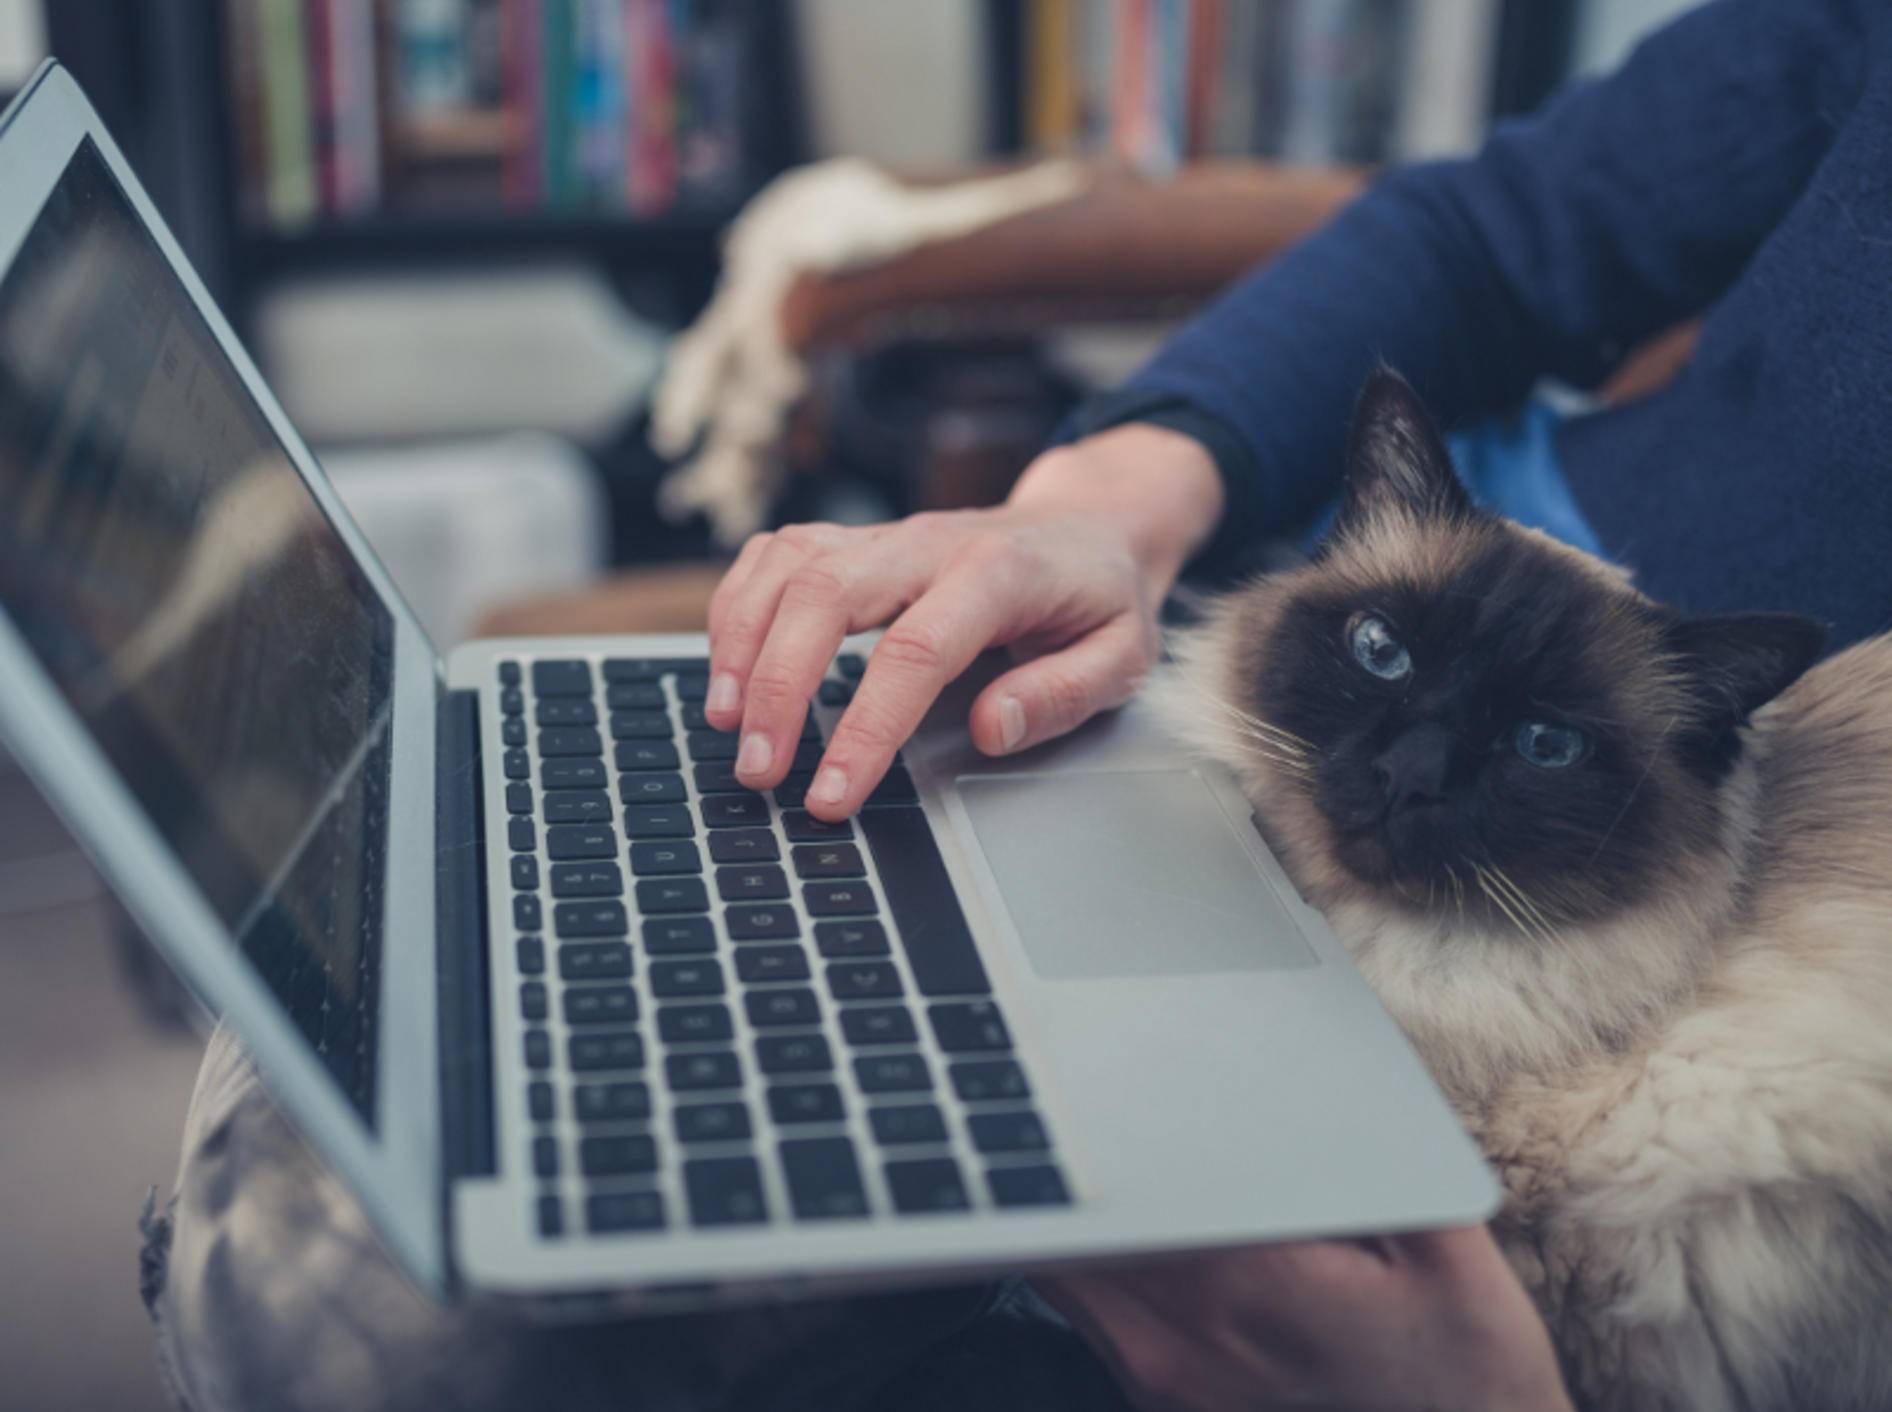 """""""Ob das stimmt, was da steht?"""", könnte sich diese Katze denken – Shutterstock / LoloStock"""